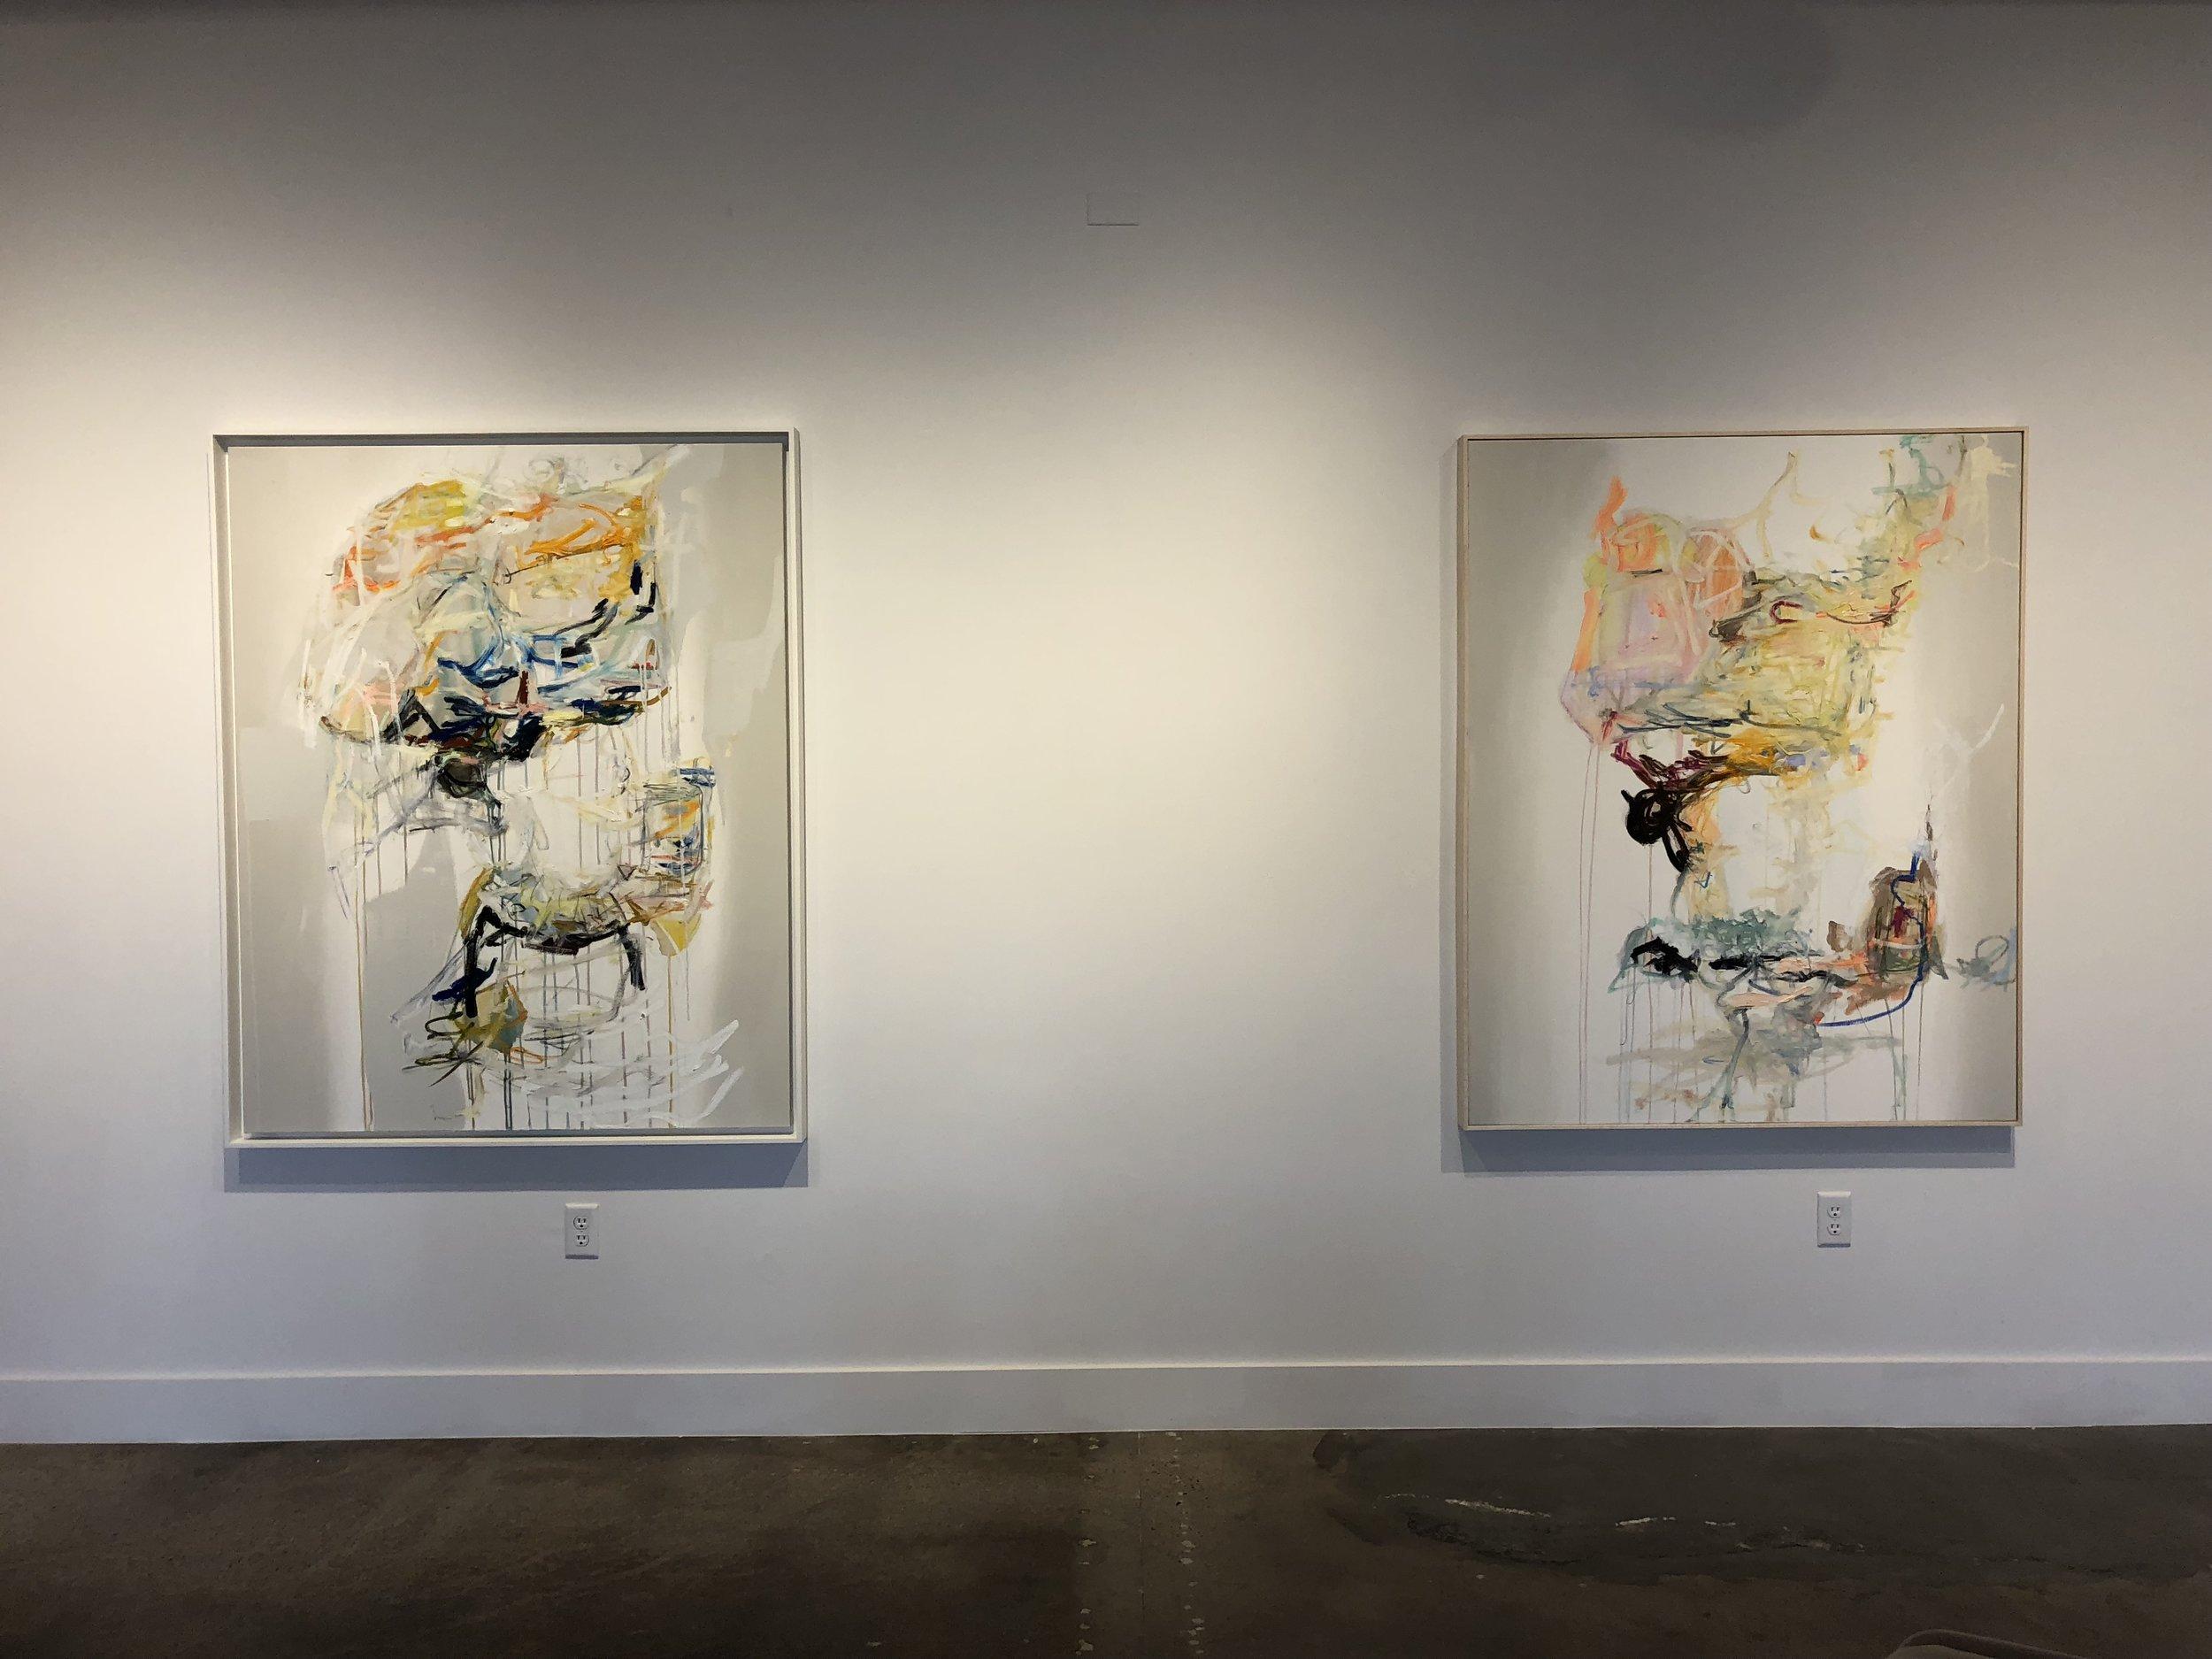 Octavia Gallery, Houston